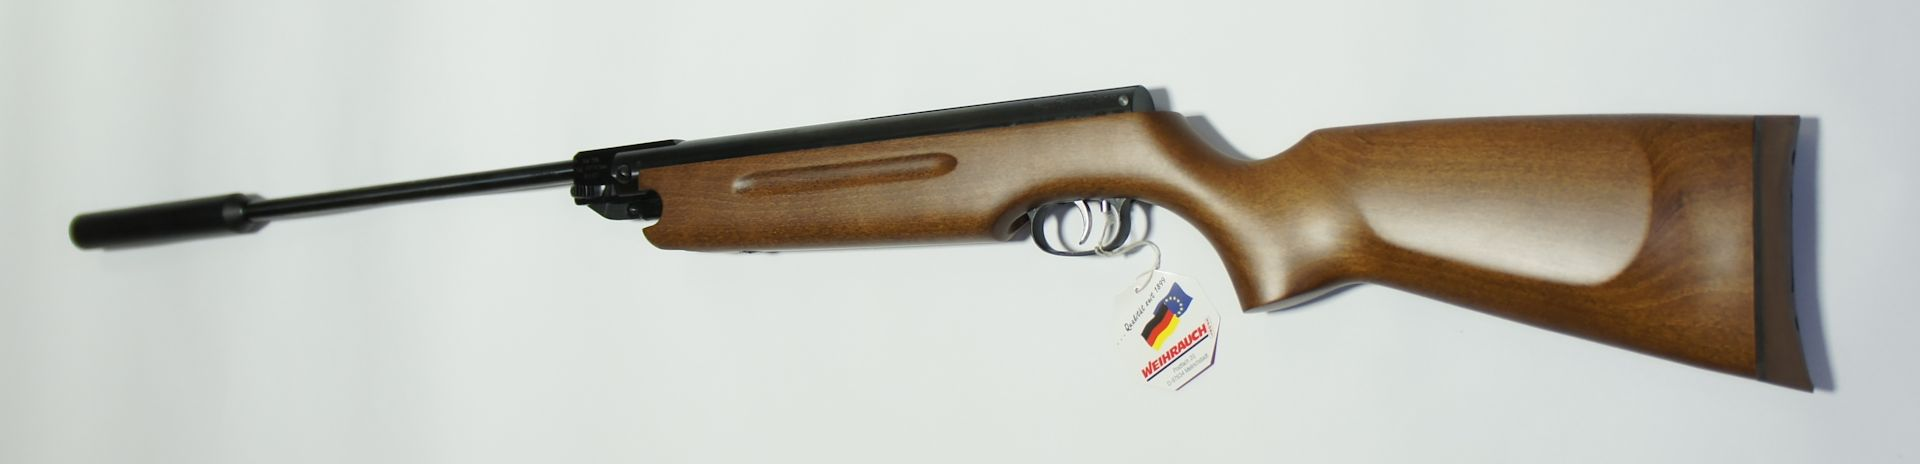 HW 35 mit Schalldämpfer Kaliber 4,5mm F